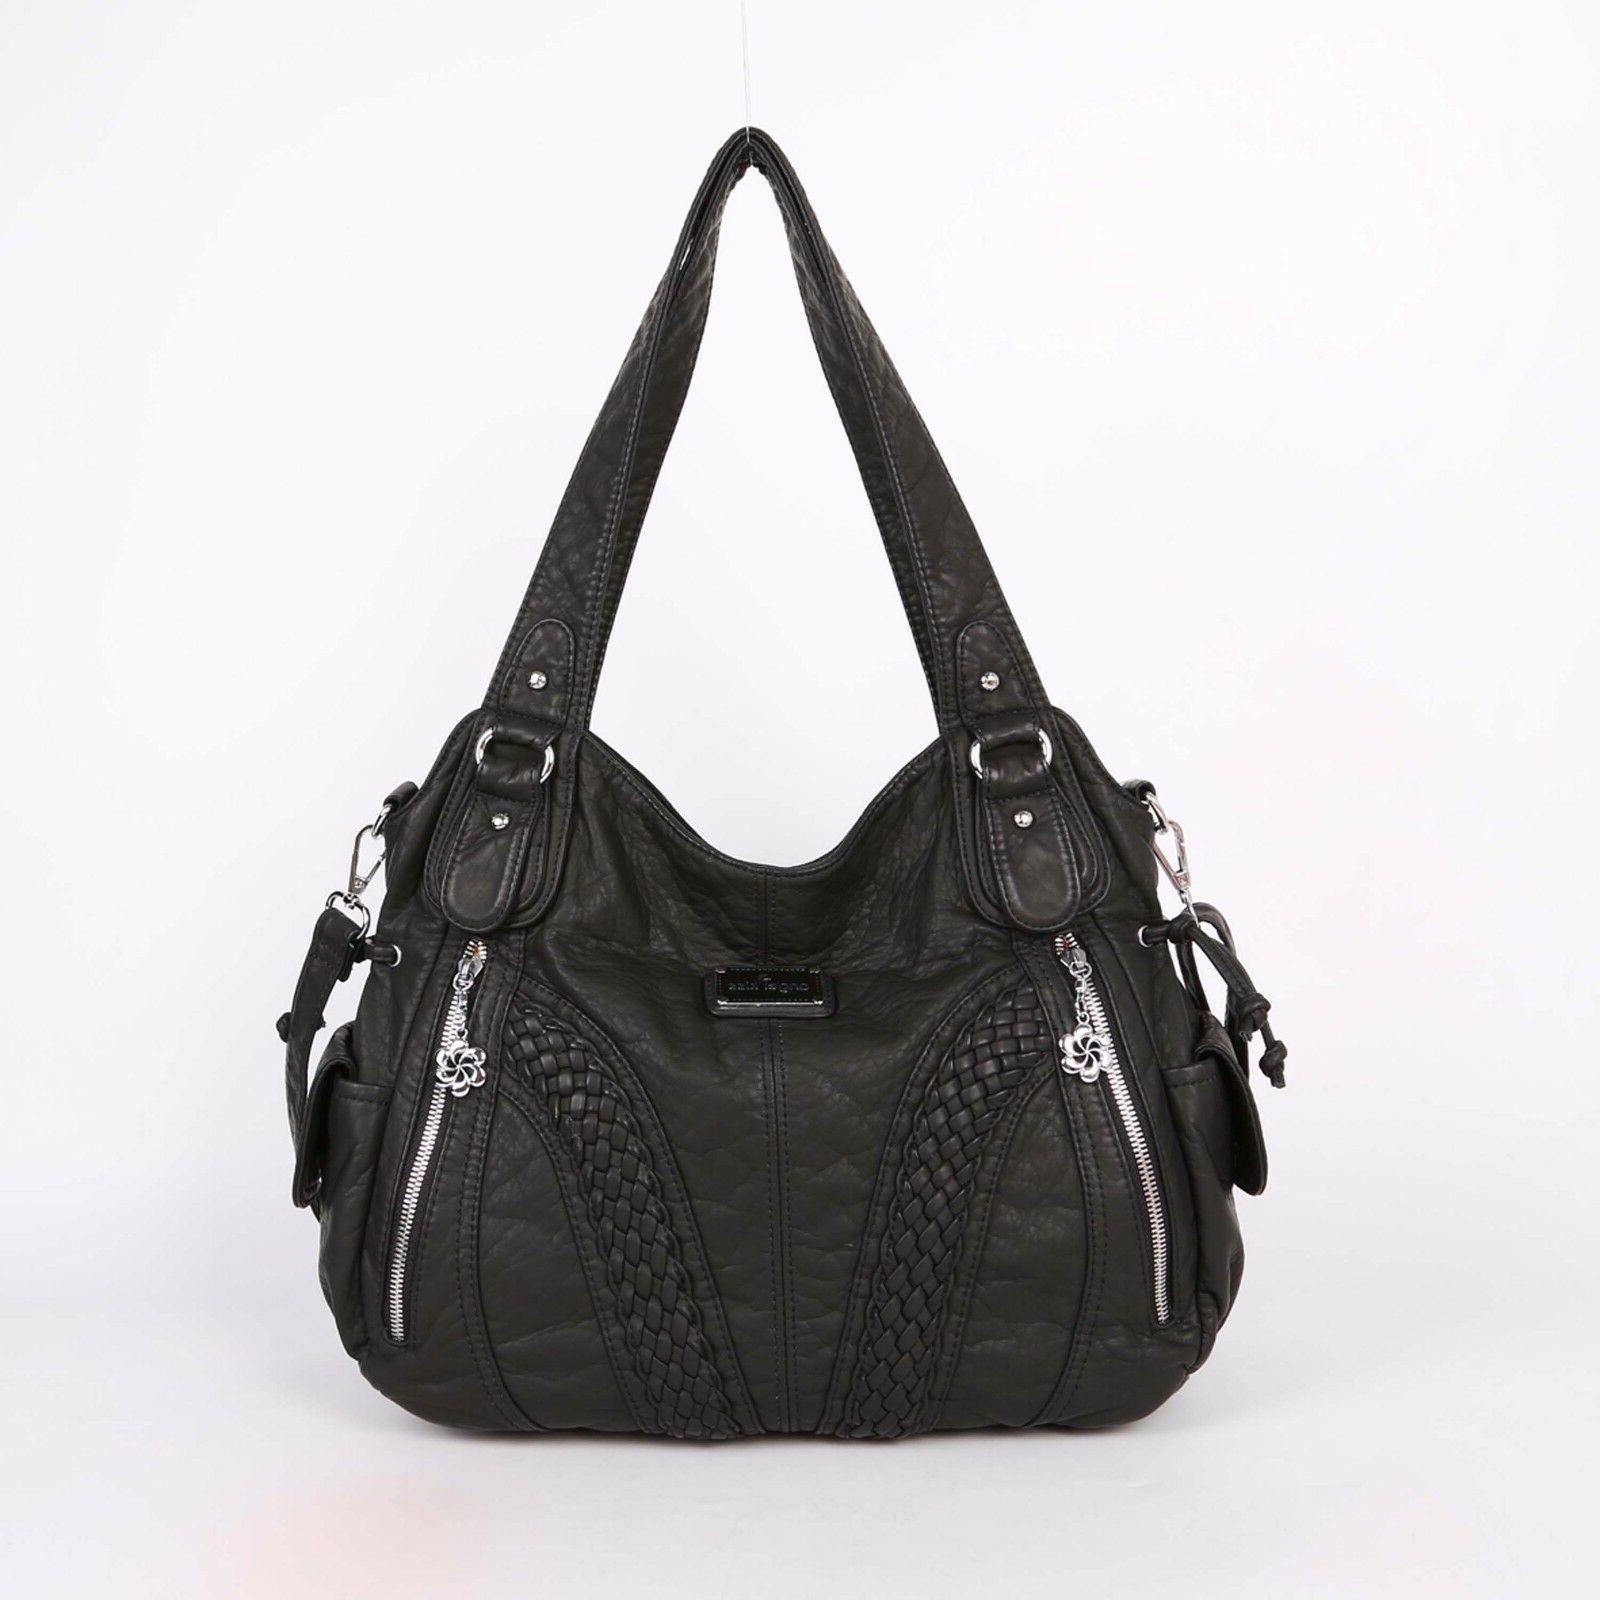 angelkiss women top handle satchel handbags shoulder